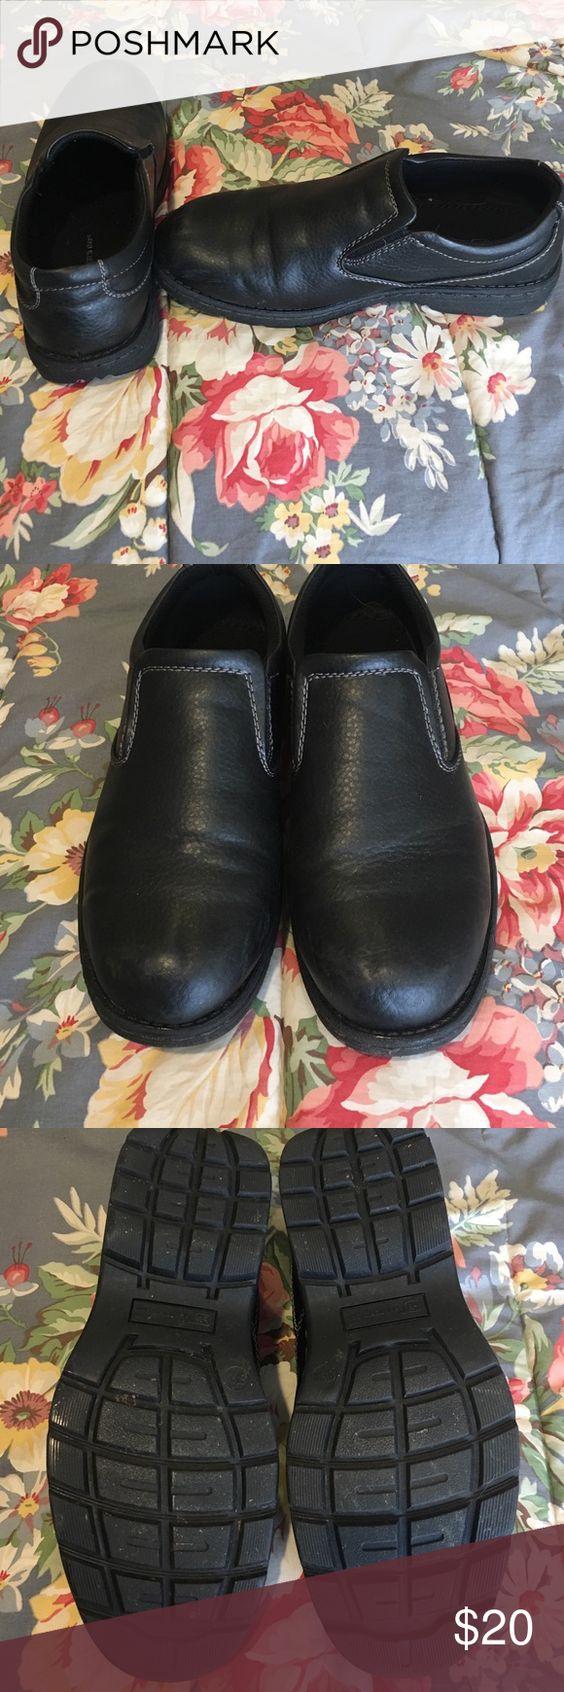 Men's Slip on dress shoes Barely worn slip on black dress shoes. Shoes Loafers & Slip-Ons